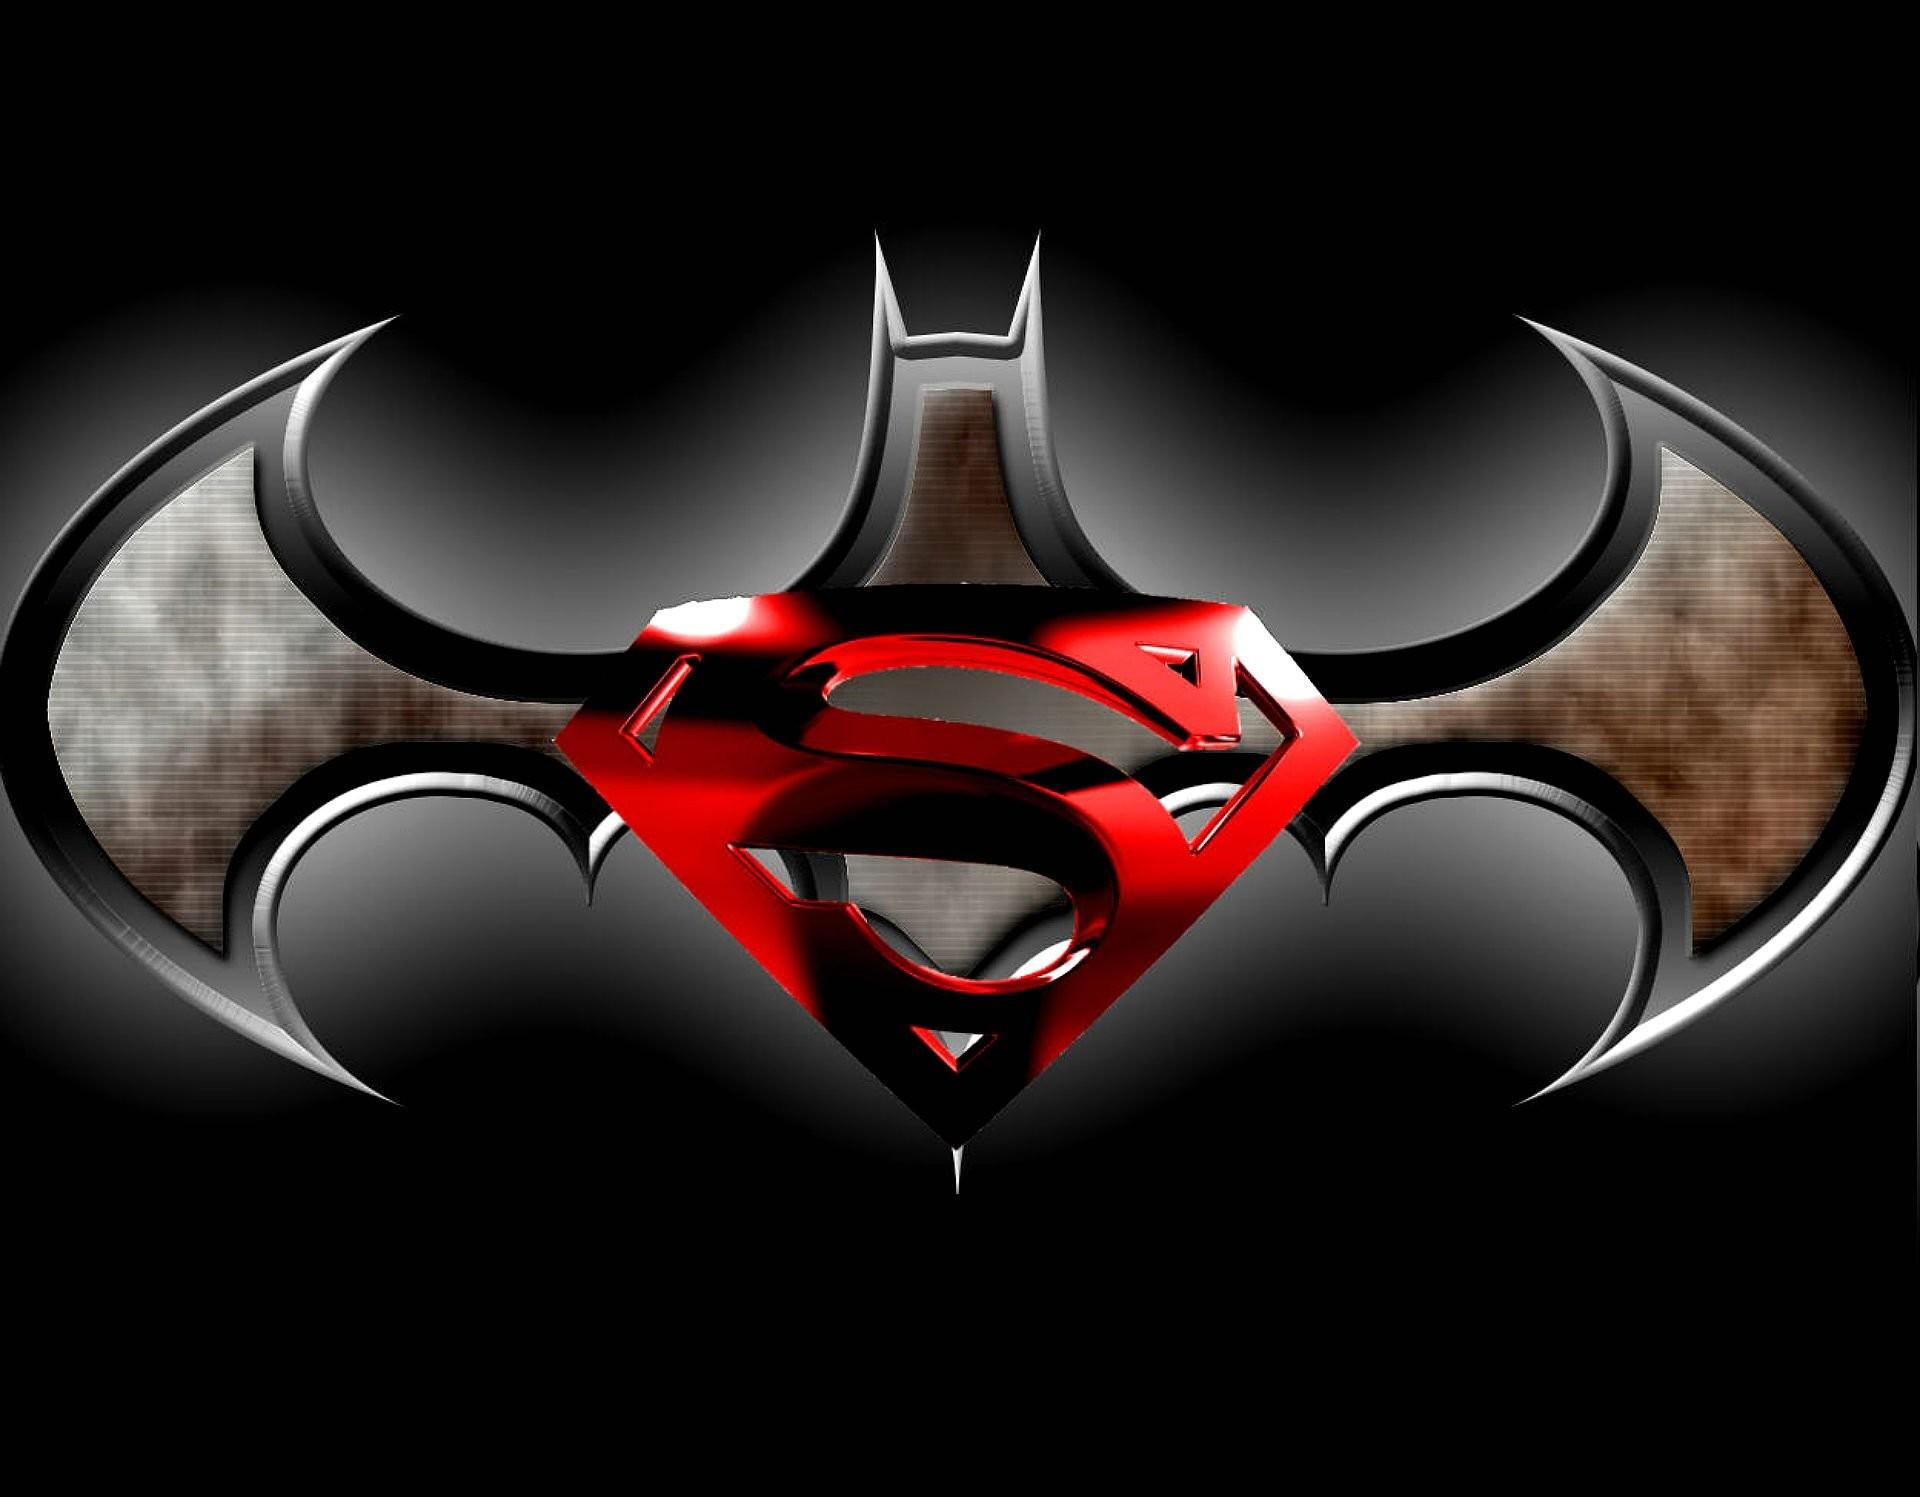 superman and batman logo wallpaper 183��